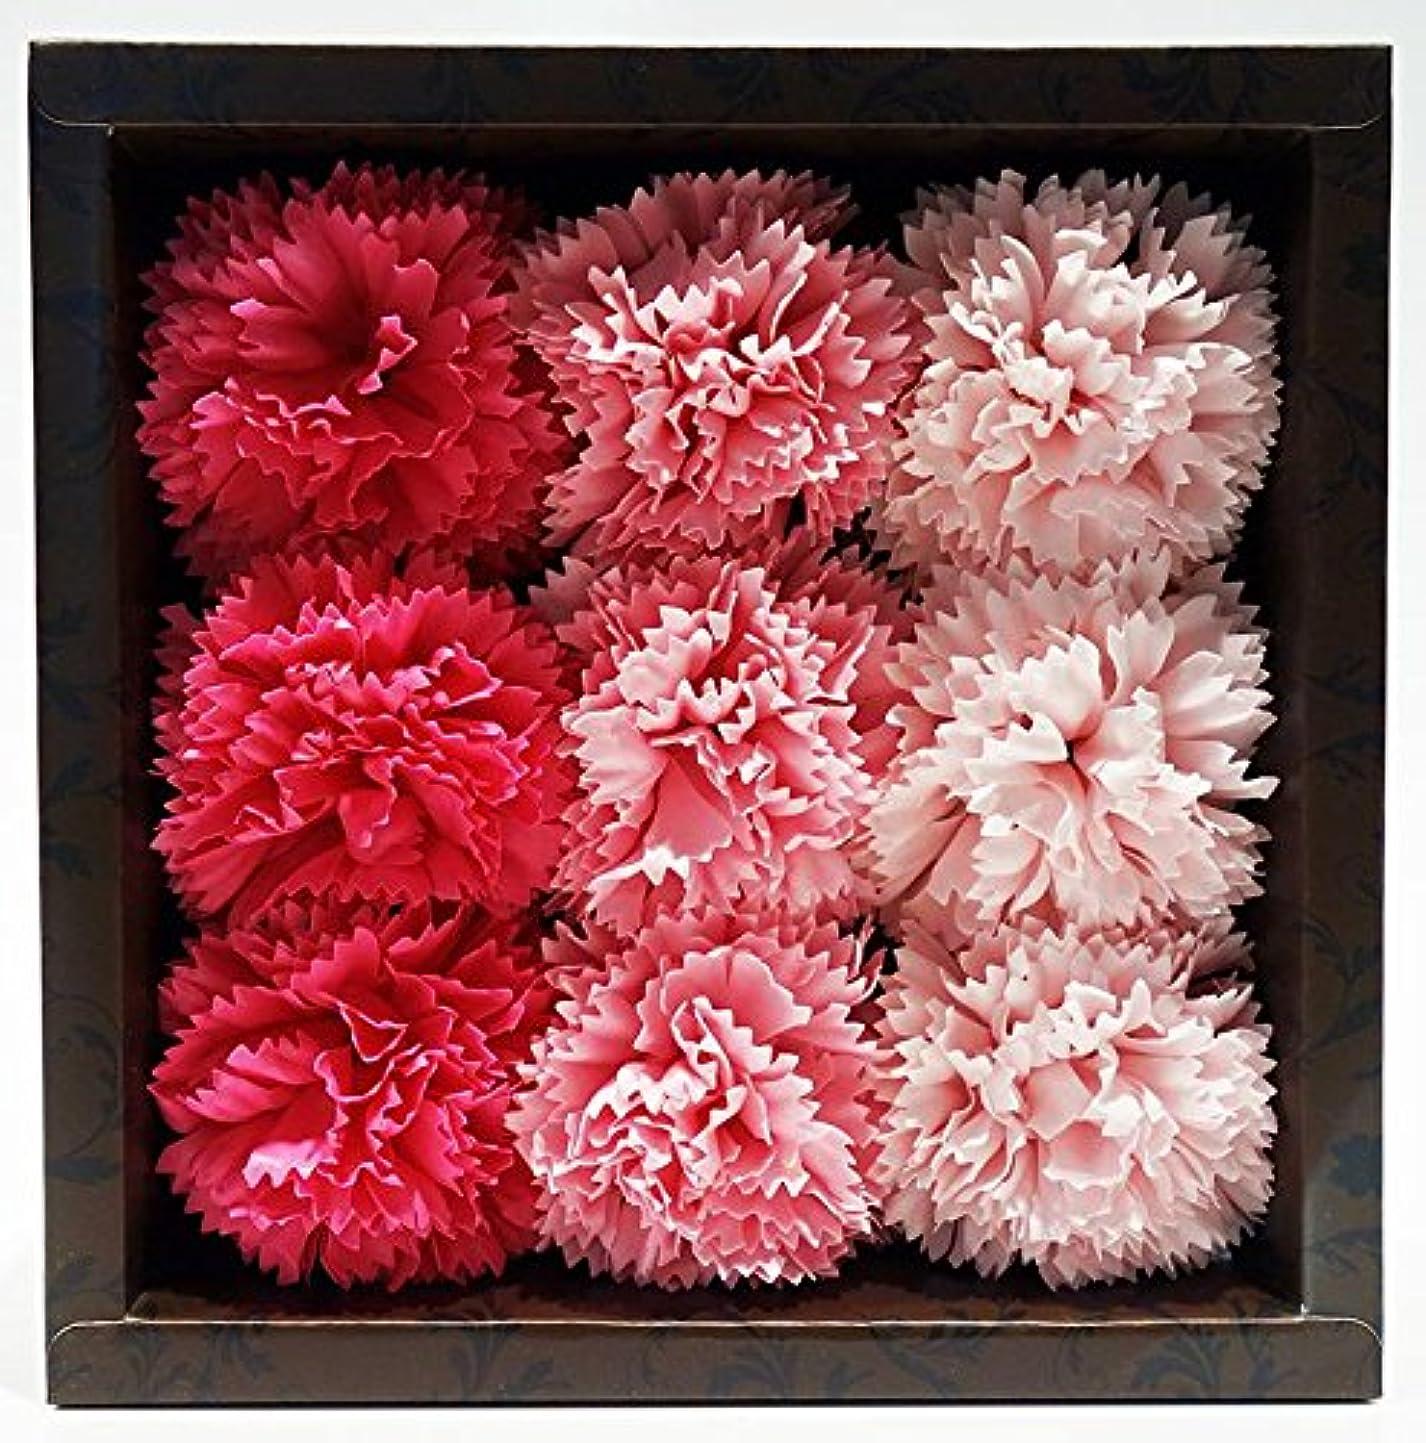 のために肉のねばねばバスフレグランス バスフラワー カーネーション ピンクカラー お花の形の入浴剤 母の日 プレゼント ギフト